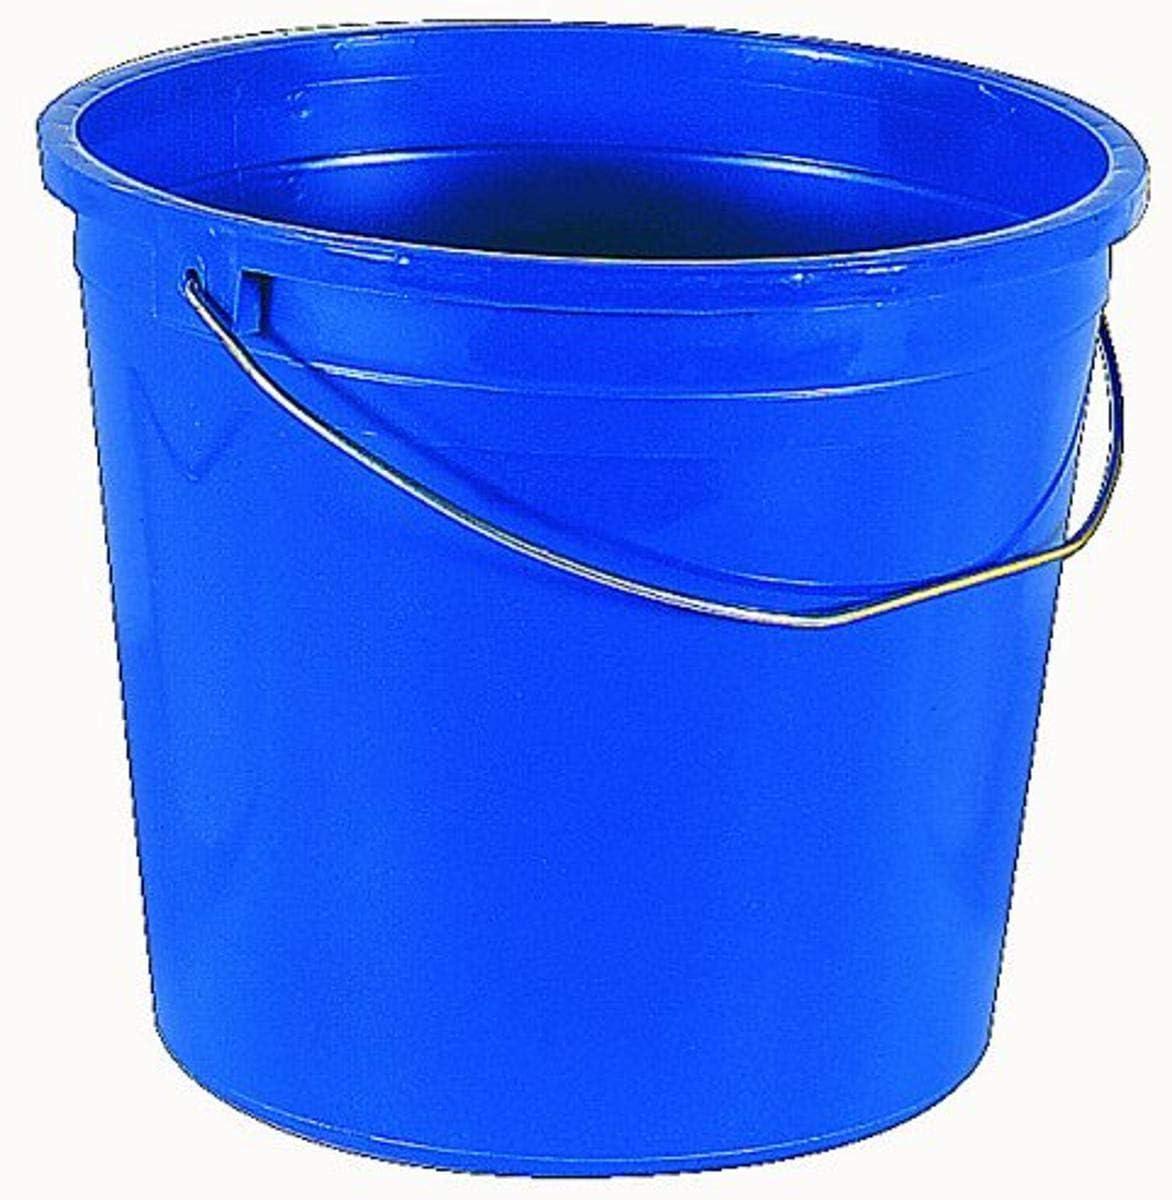 Encore 20320 10-Quart Blue Utility Pail